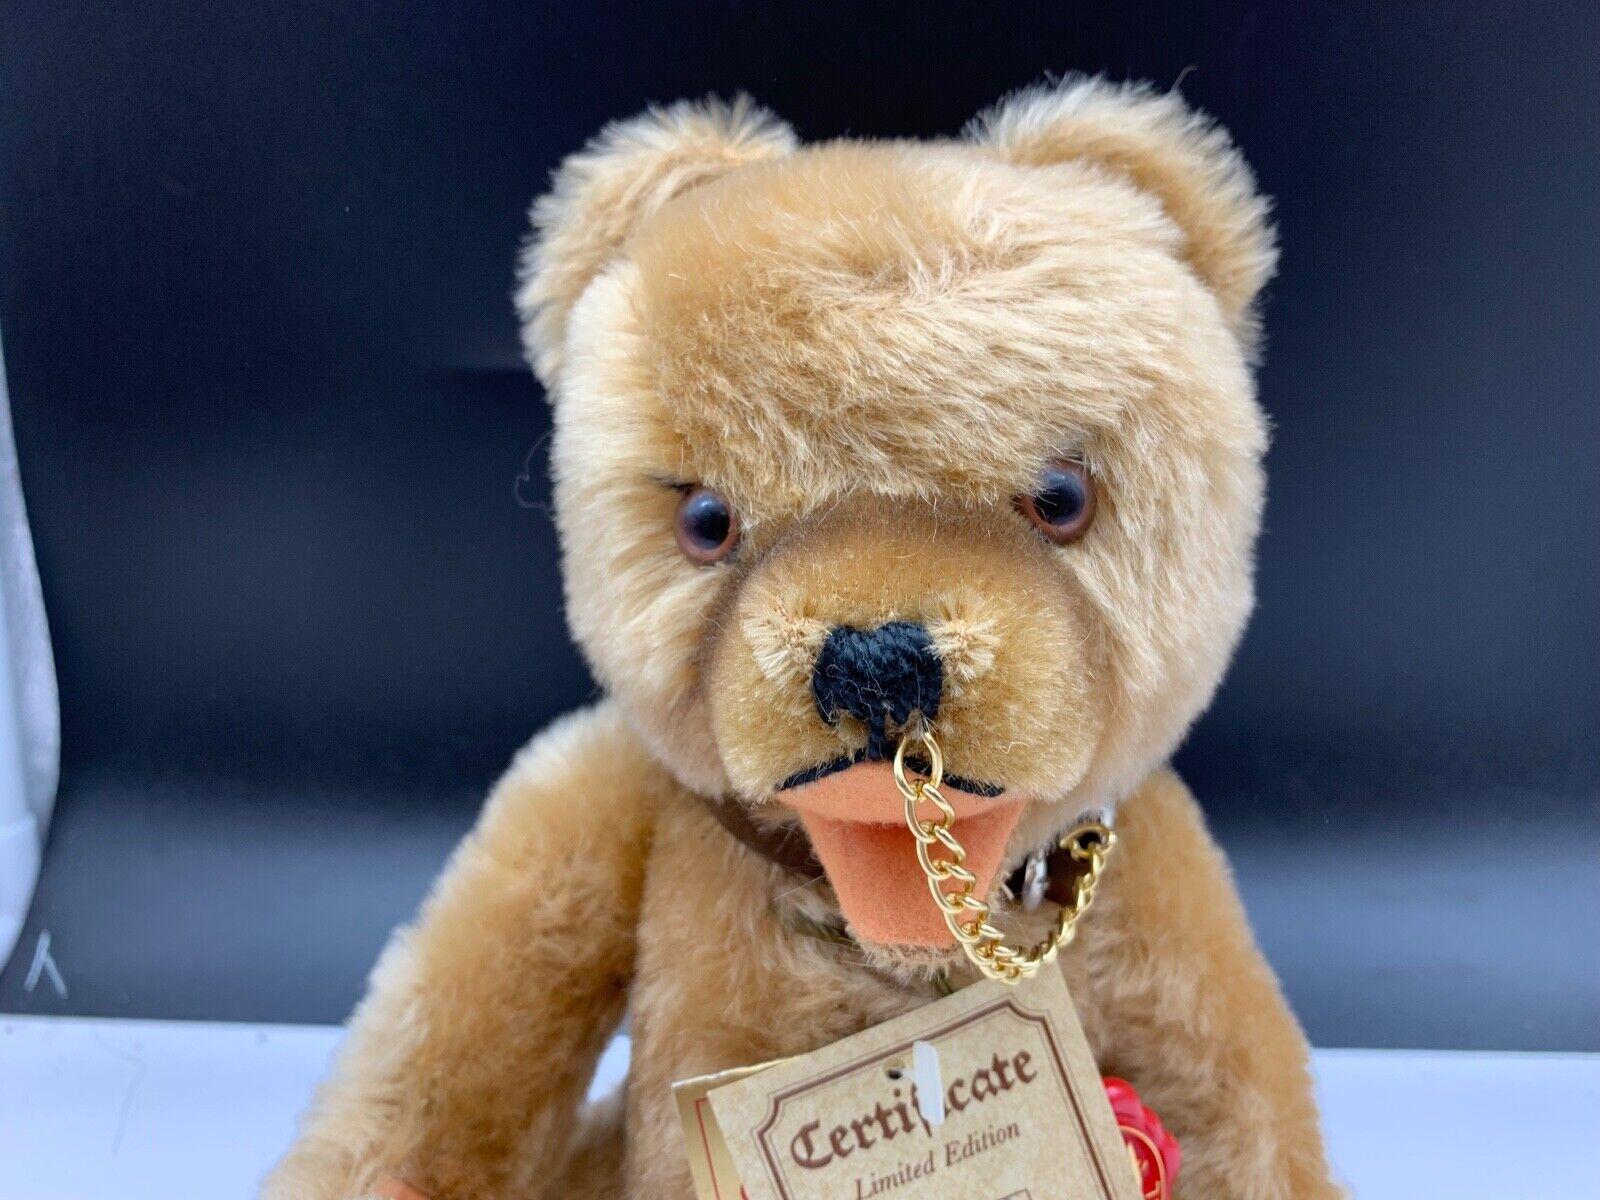 Hermann Teddy Bär Bär Bär 28 cm. Top Zustand. e2a523